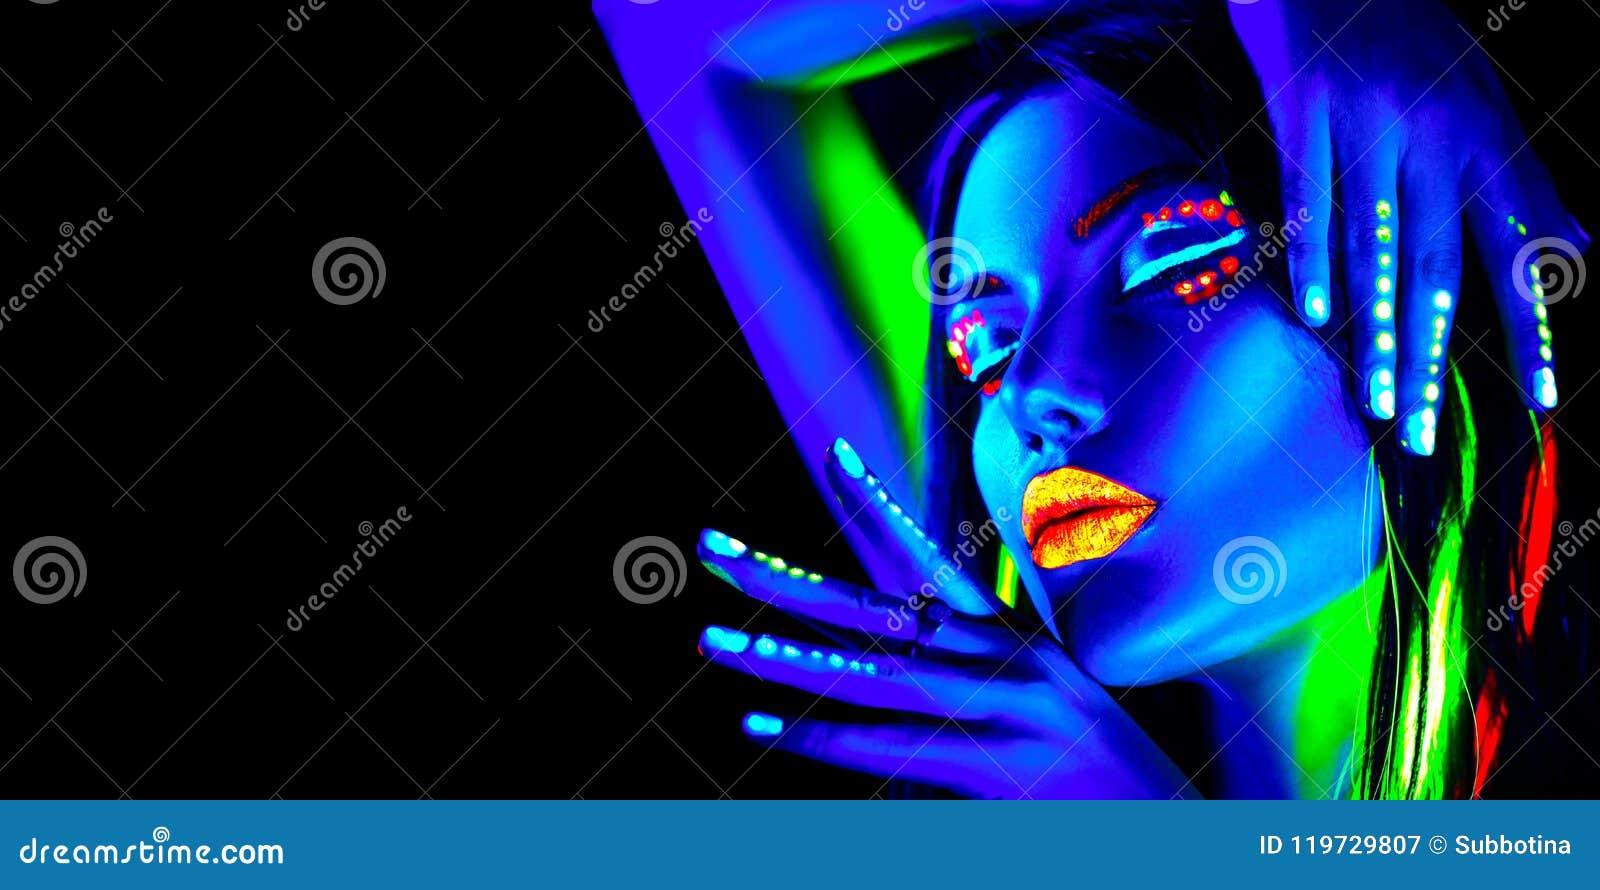 Mujer del modelo de moda en la luz de neón, retrato de la muchacha modelo hermosa con el maquillaje fluorescente, diseño del arte